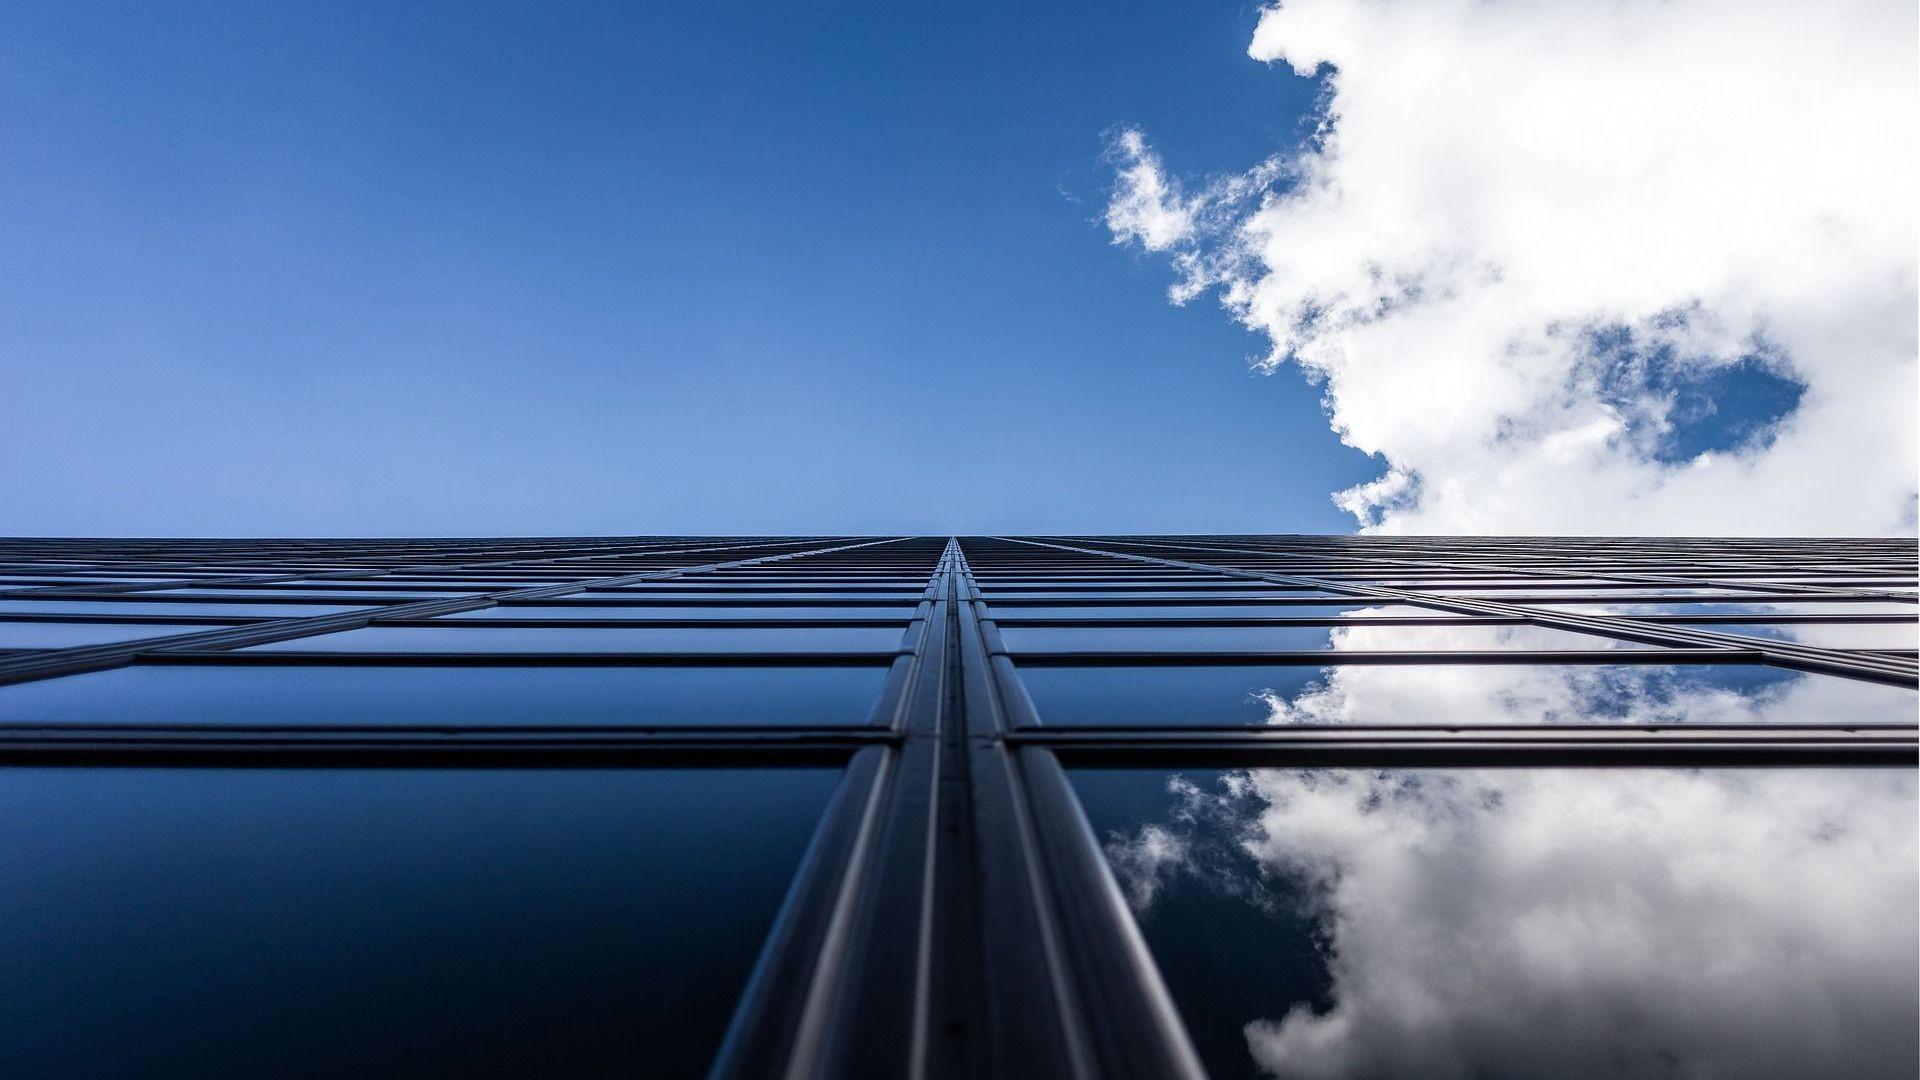 skyscraper-1149478_1920